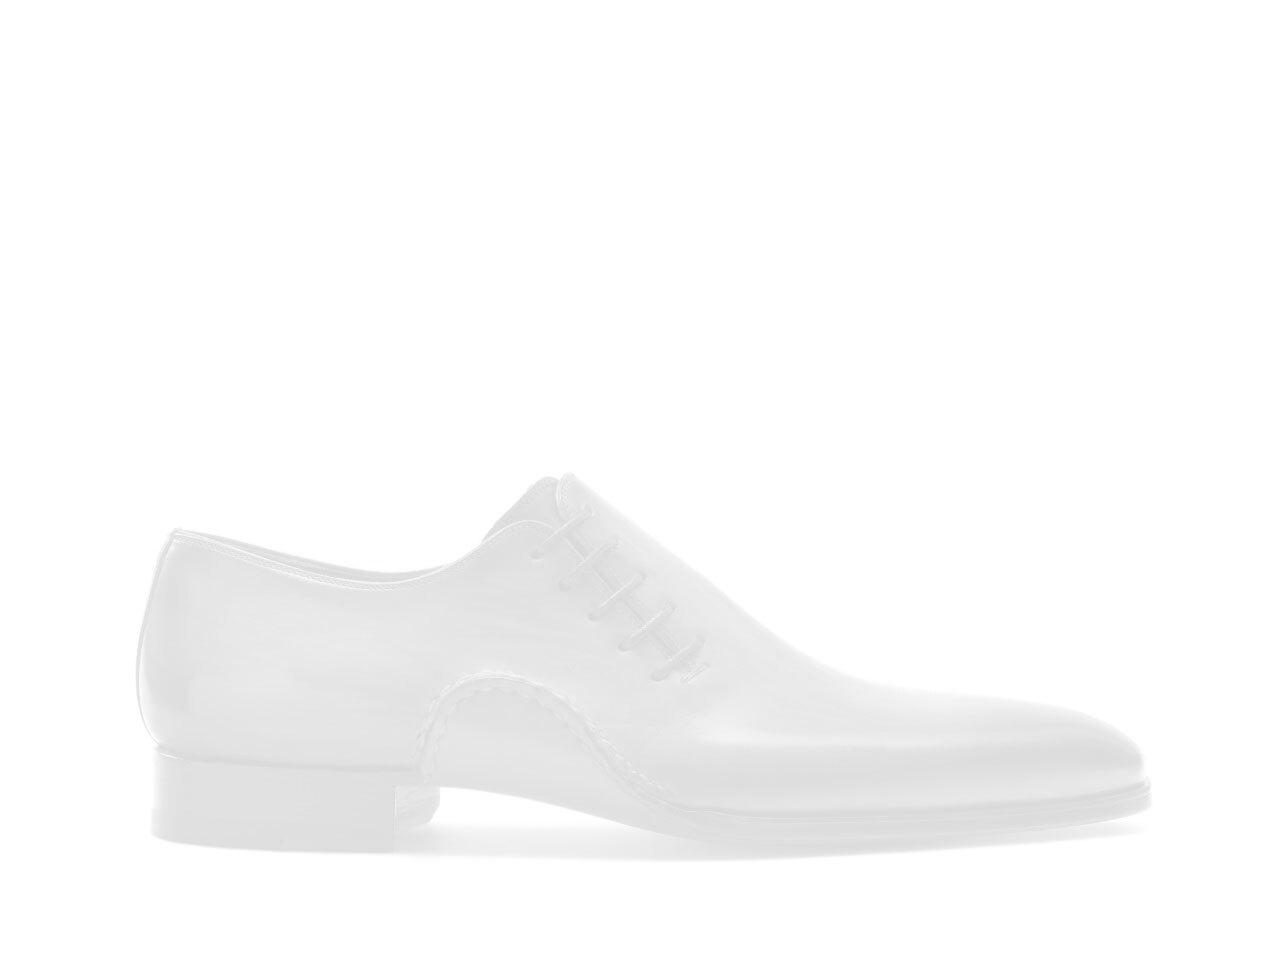 Side view of the Magnanni Saffron Black Wide Men's Oxford Shoes